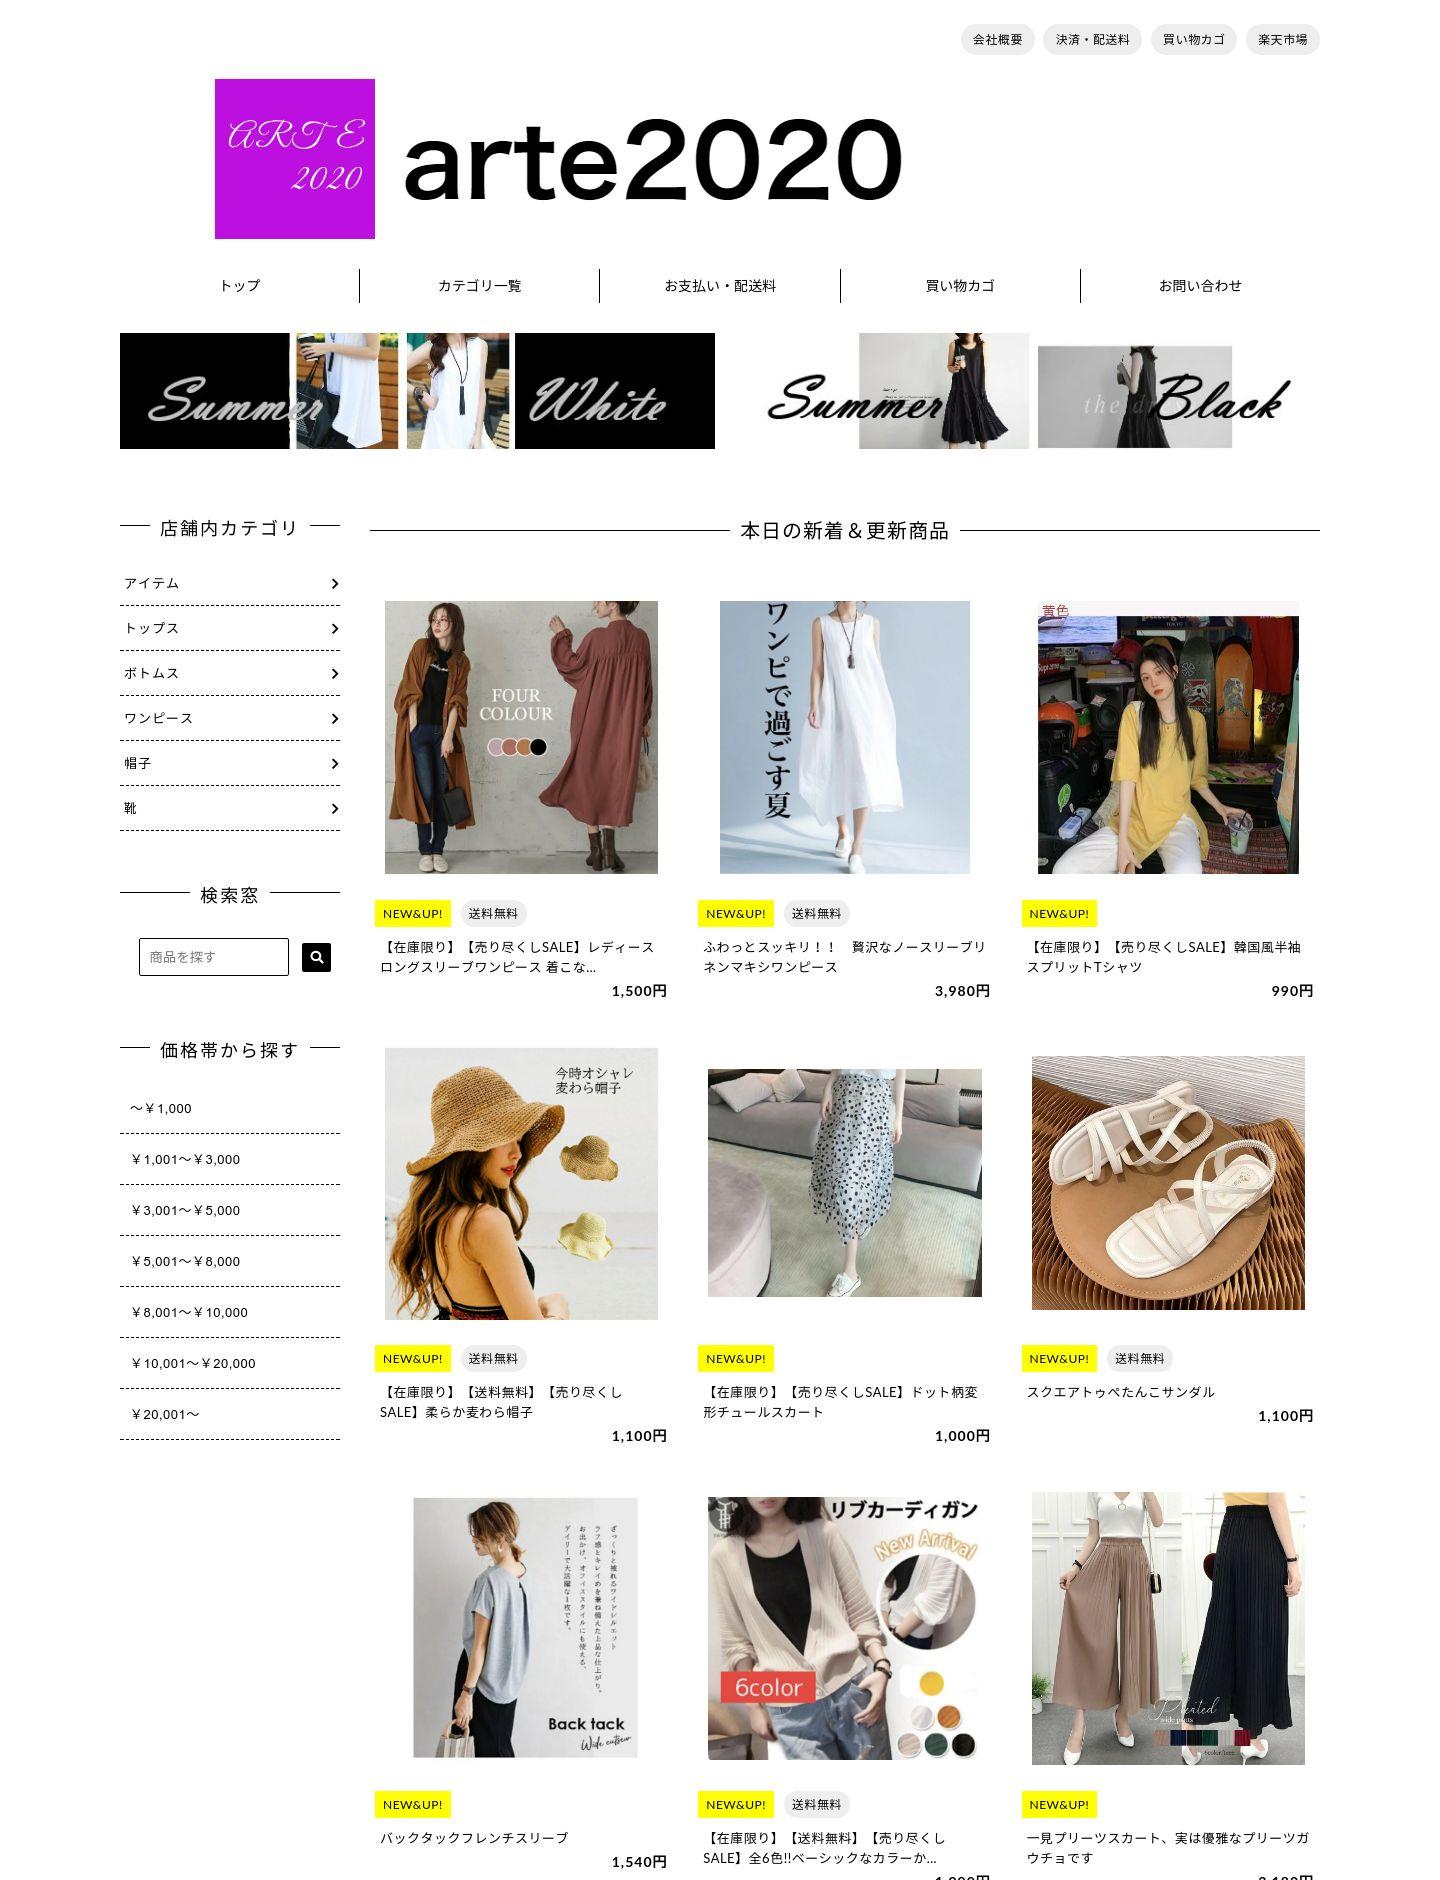 arte2020様 サイト画像